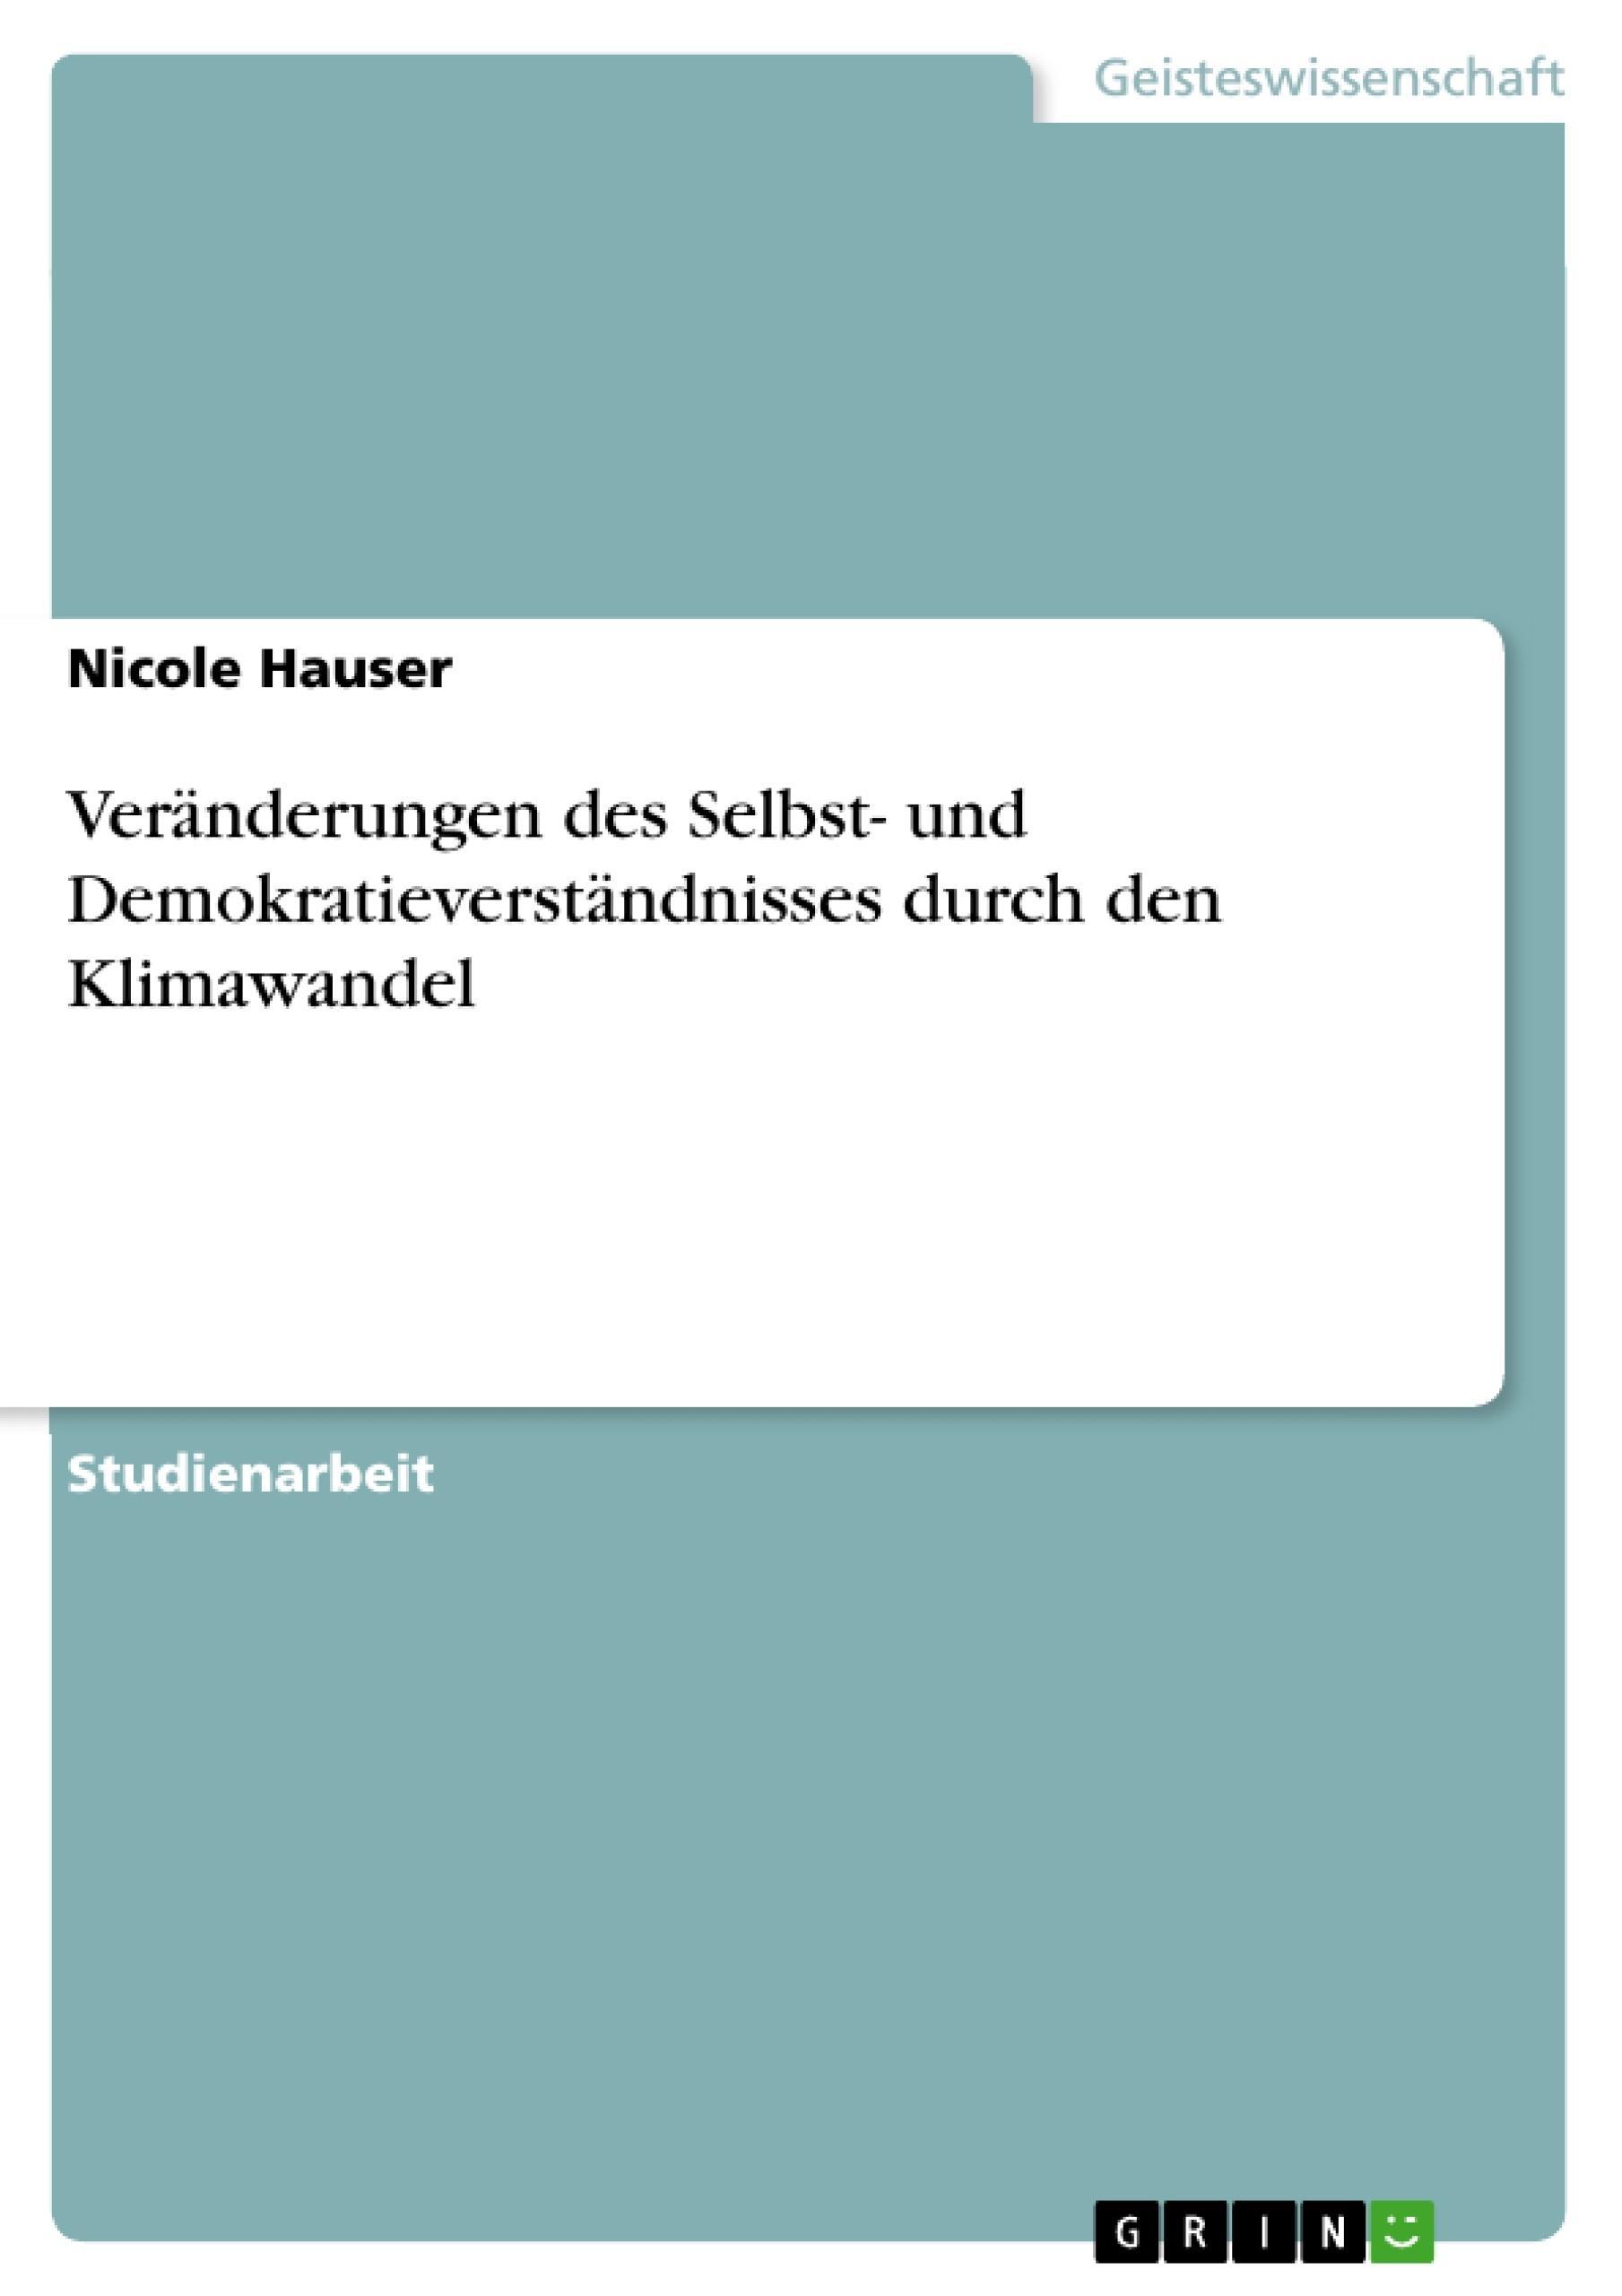 Titel: Veränderungen des Selbst- und Demokratieverständnisses durch den Klimawandel